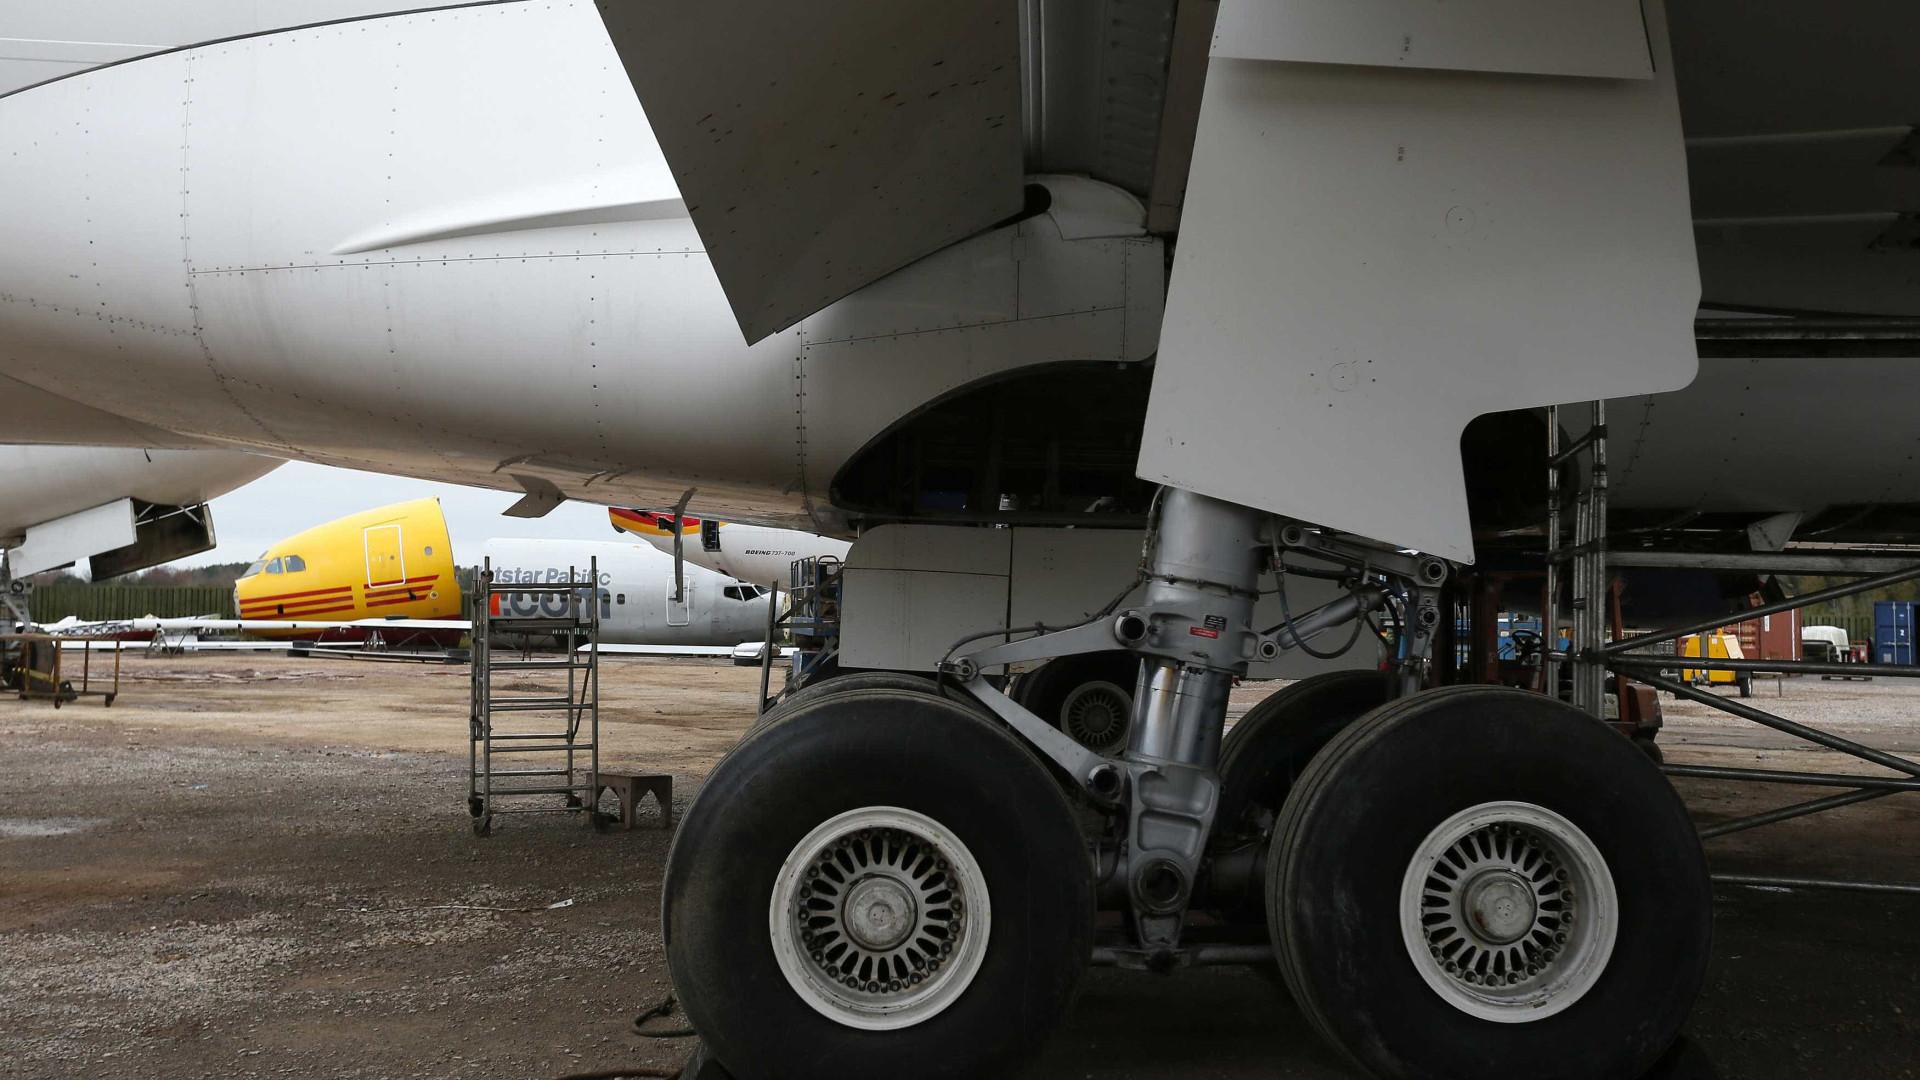 Mulher morre de Covid-19 em avião após não conseguir respirar